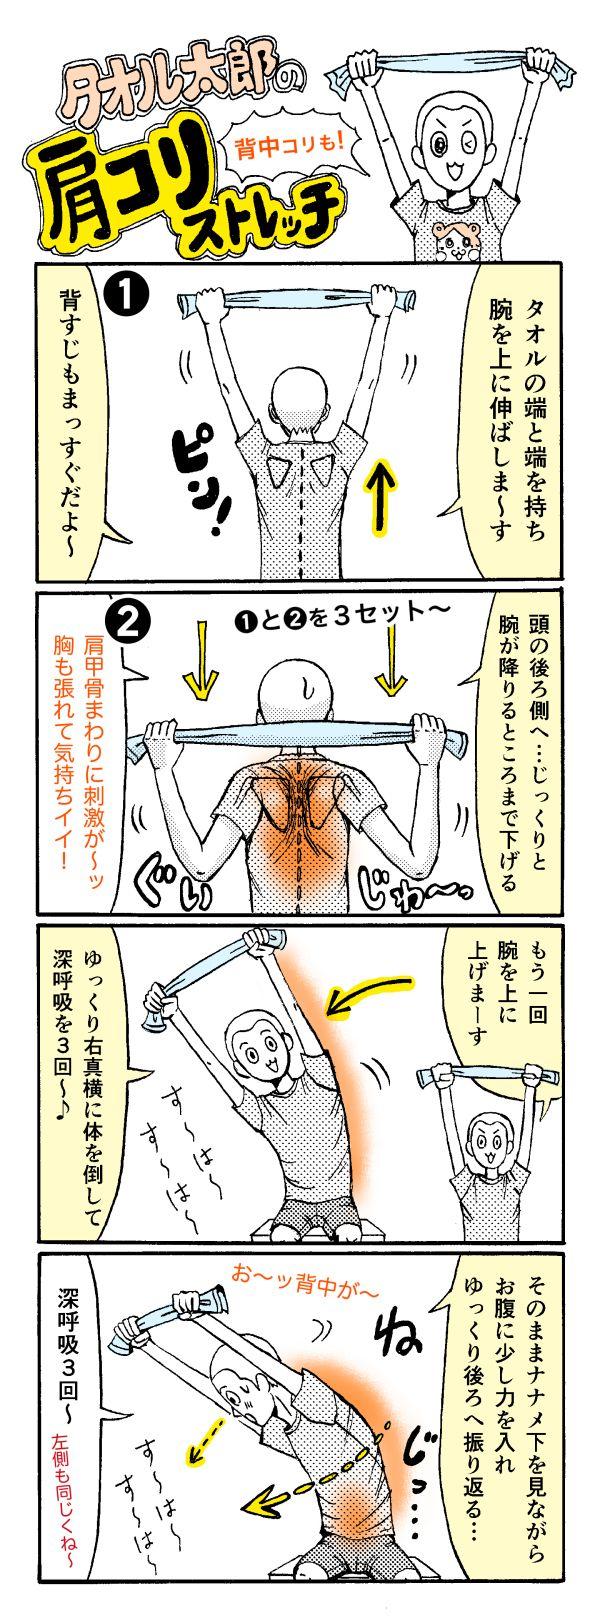 【すごい】体ほぐれる「タオルストレッチ」で肩こり腰痛、だるさ解消に! - いまトピ